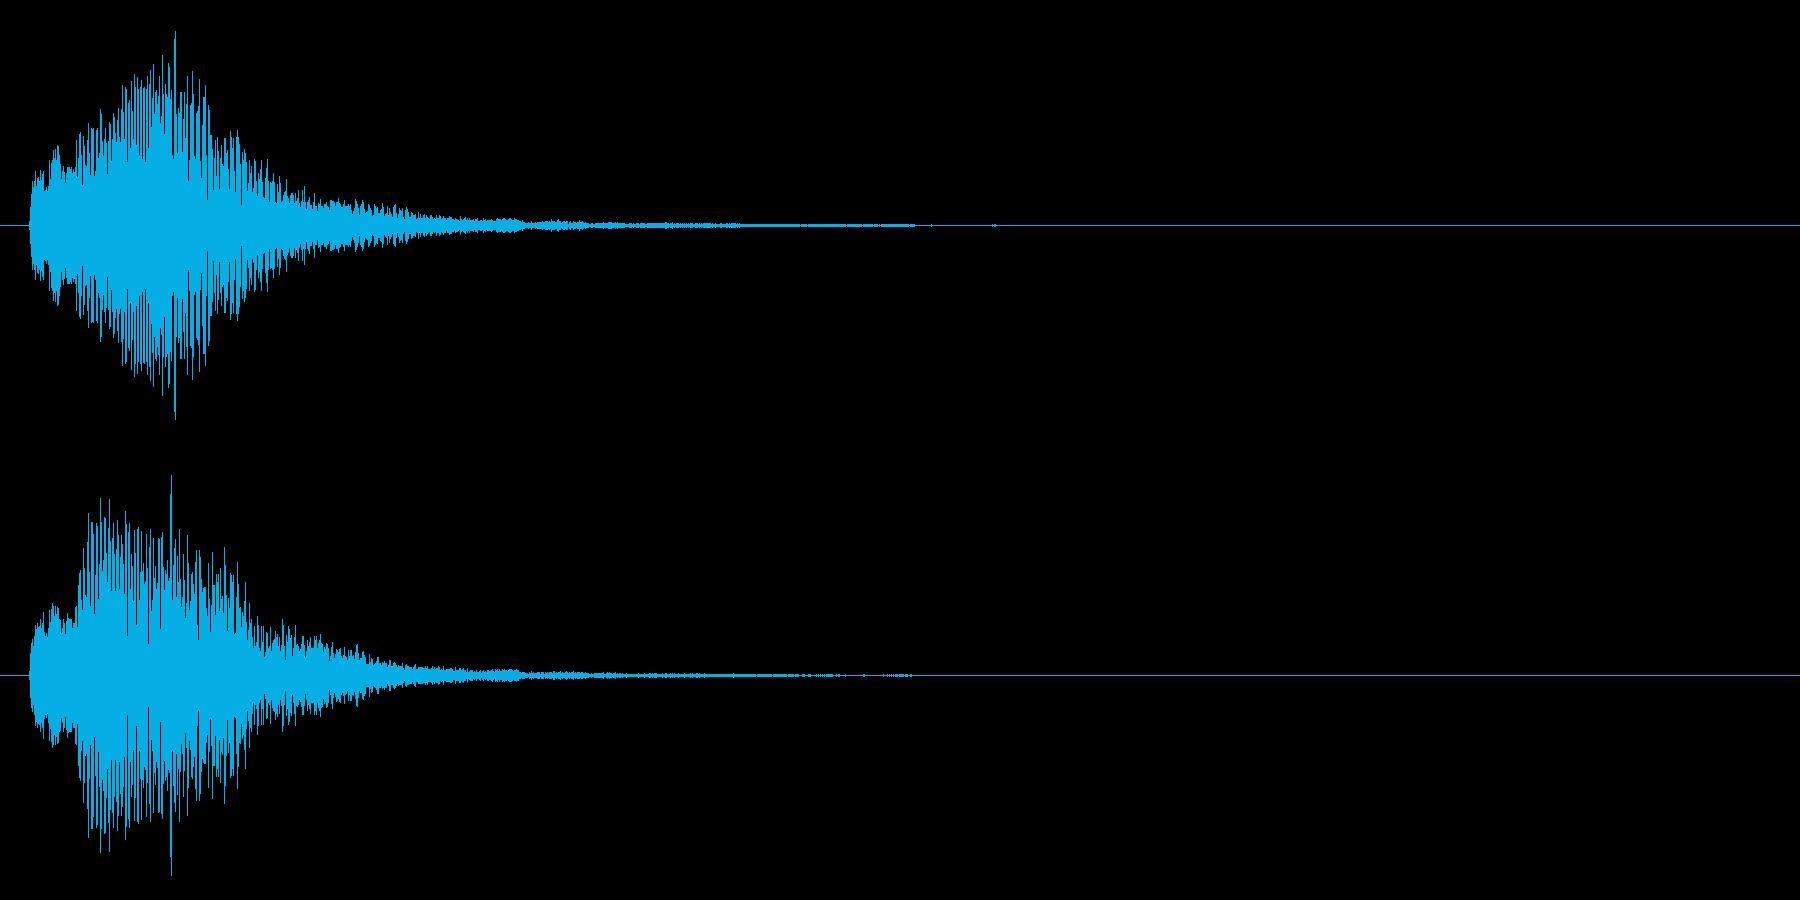 決定音/上昇系/柔らかいの再生済みの波形